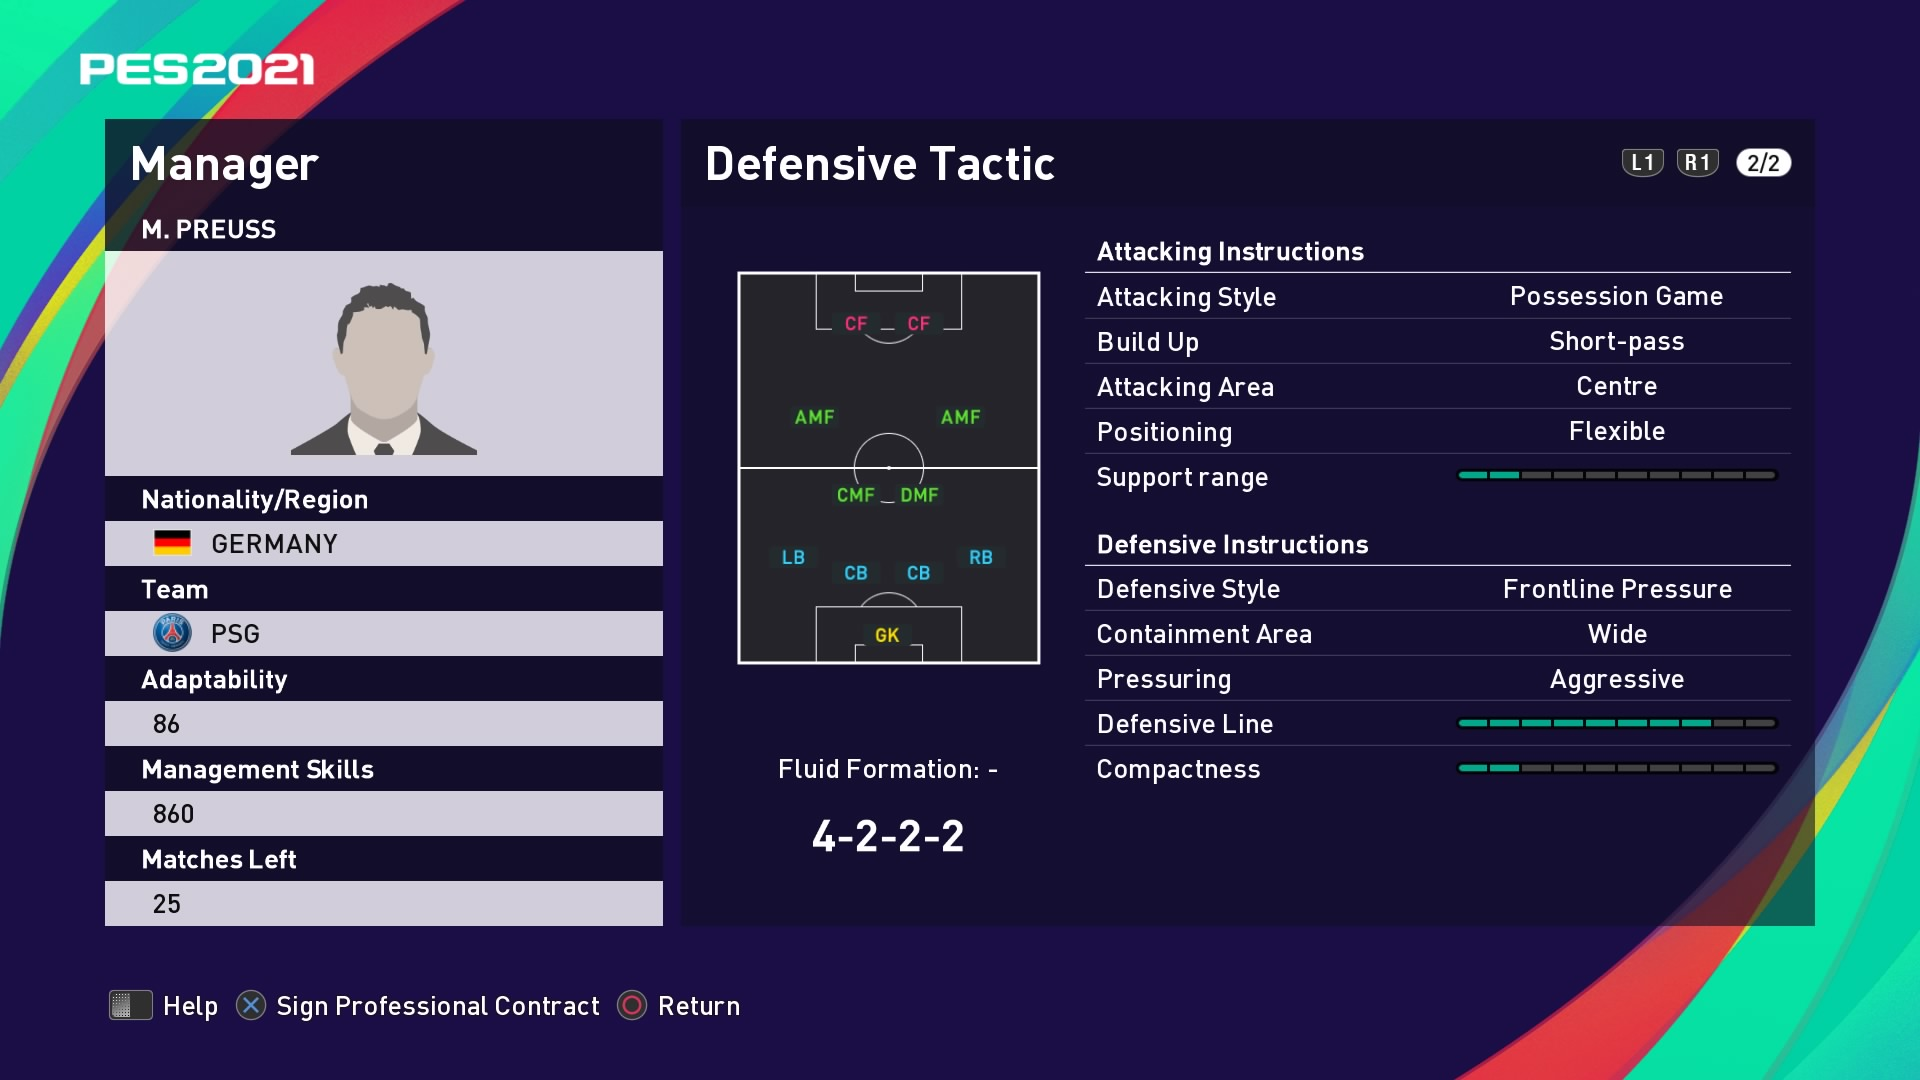 M. Preuss (Thomas Tuchel) Defensive Tactic in PES 2021 myClub